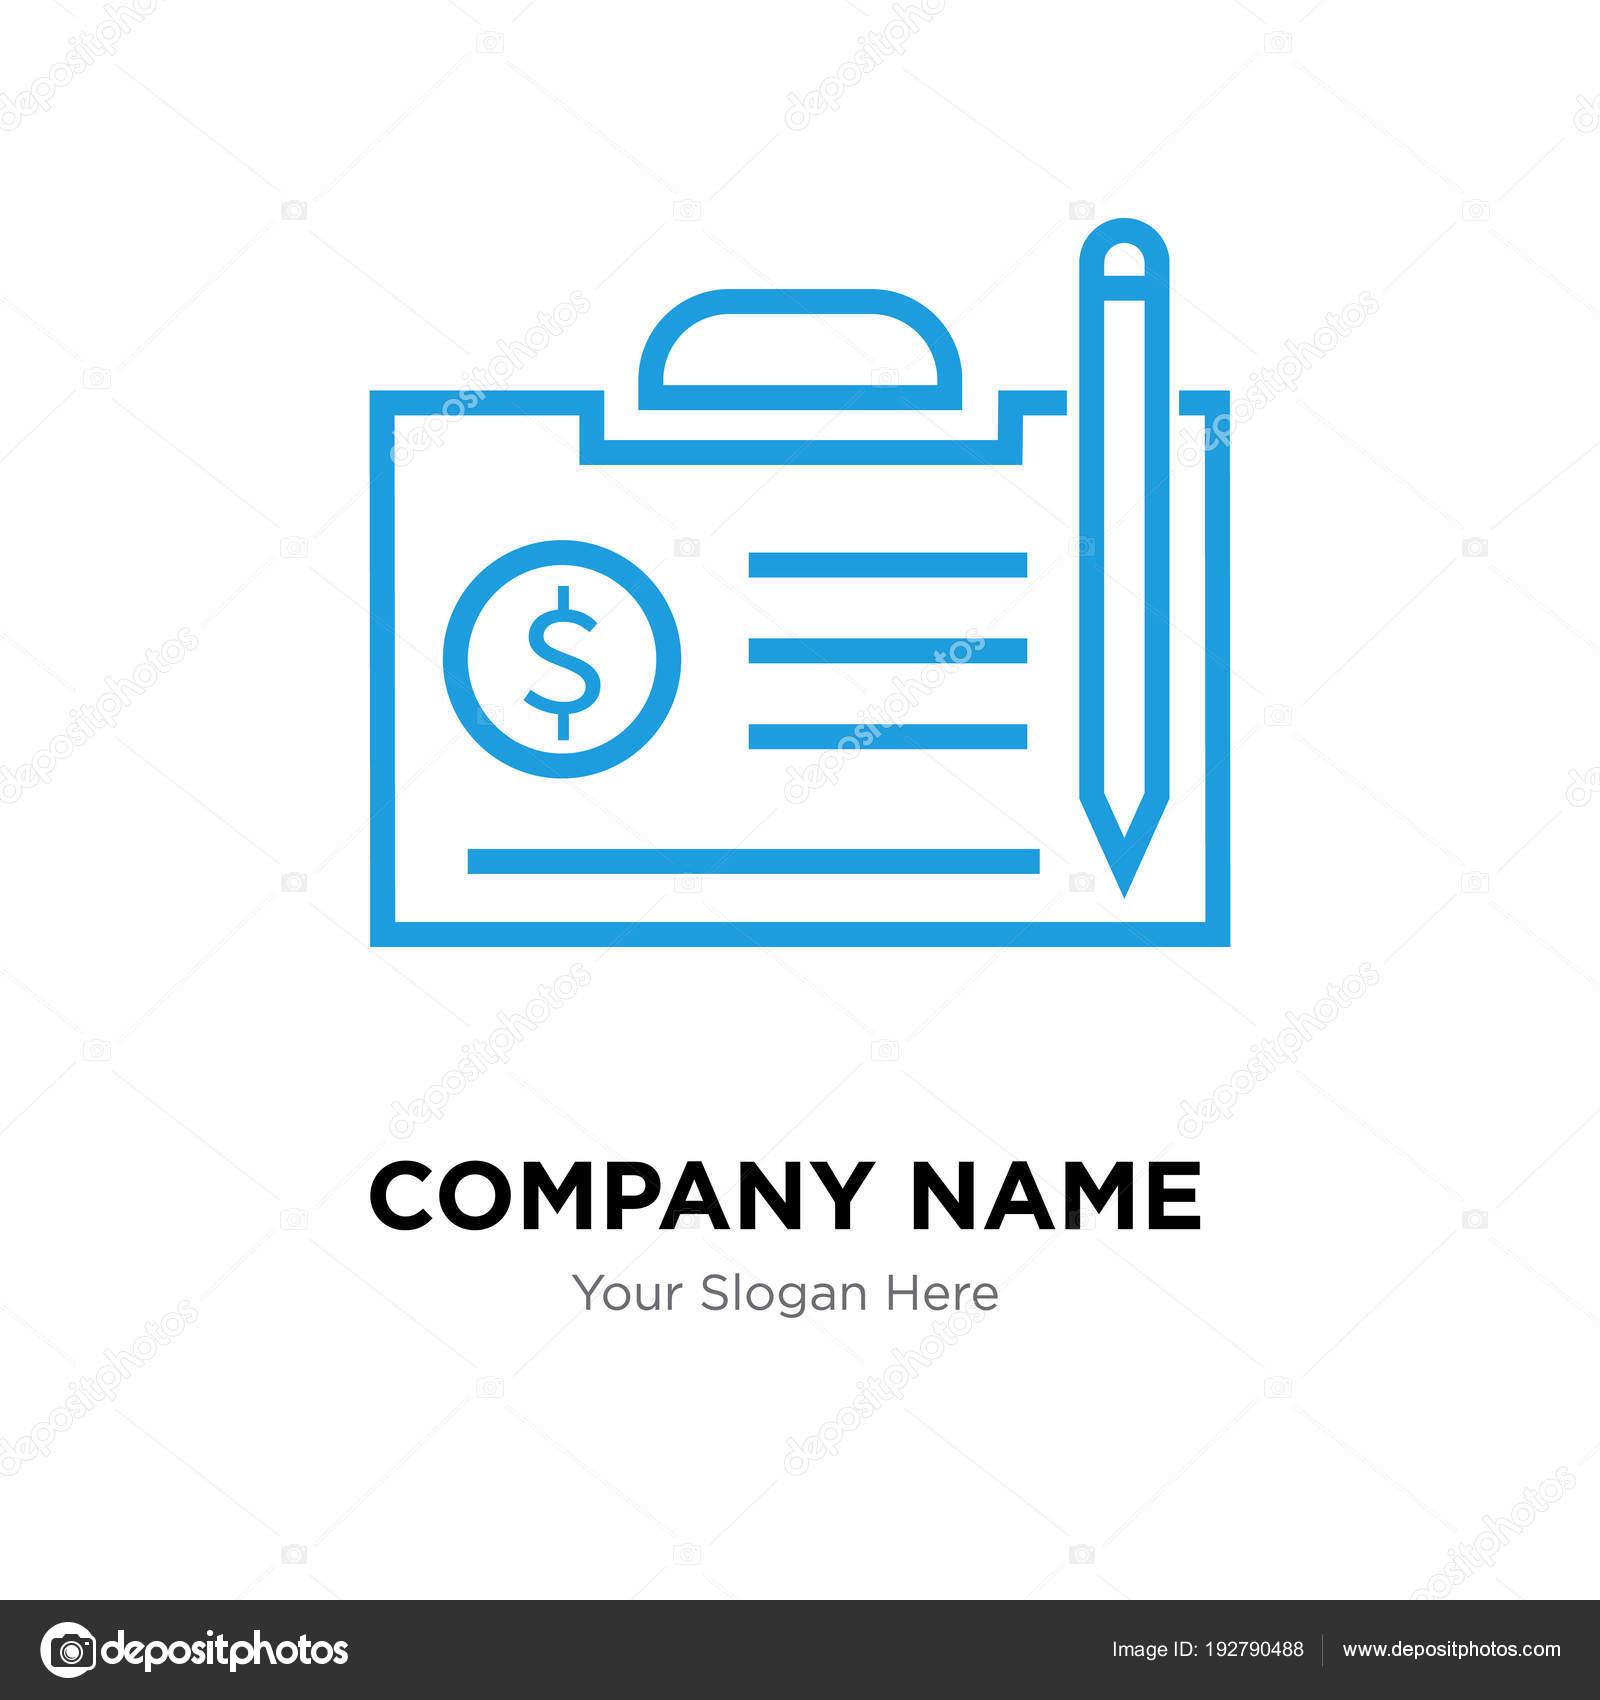 plantilla de diseño de logotipo de empresa contrato — Archivo ...